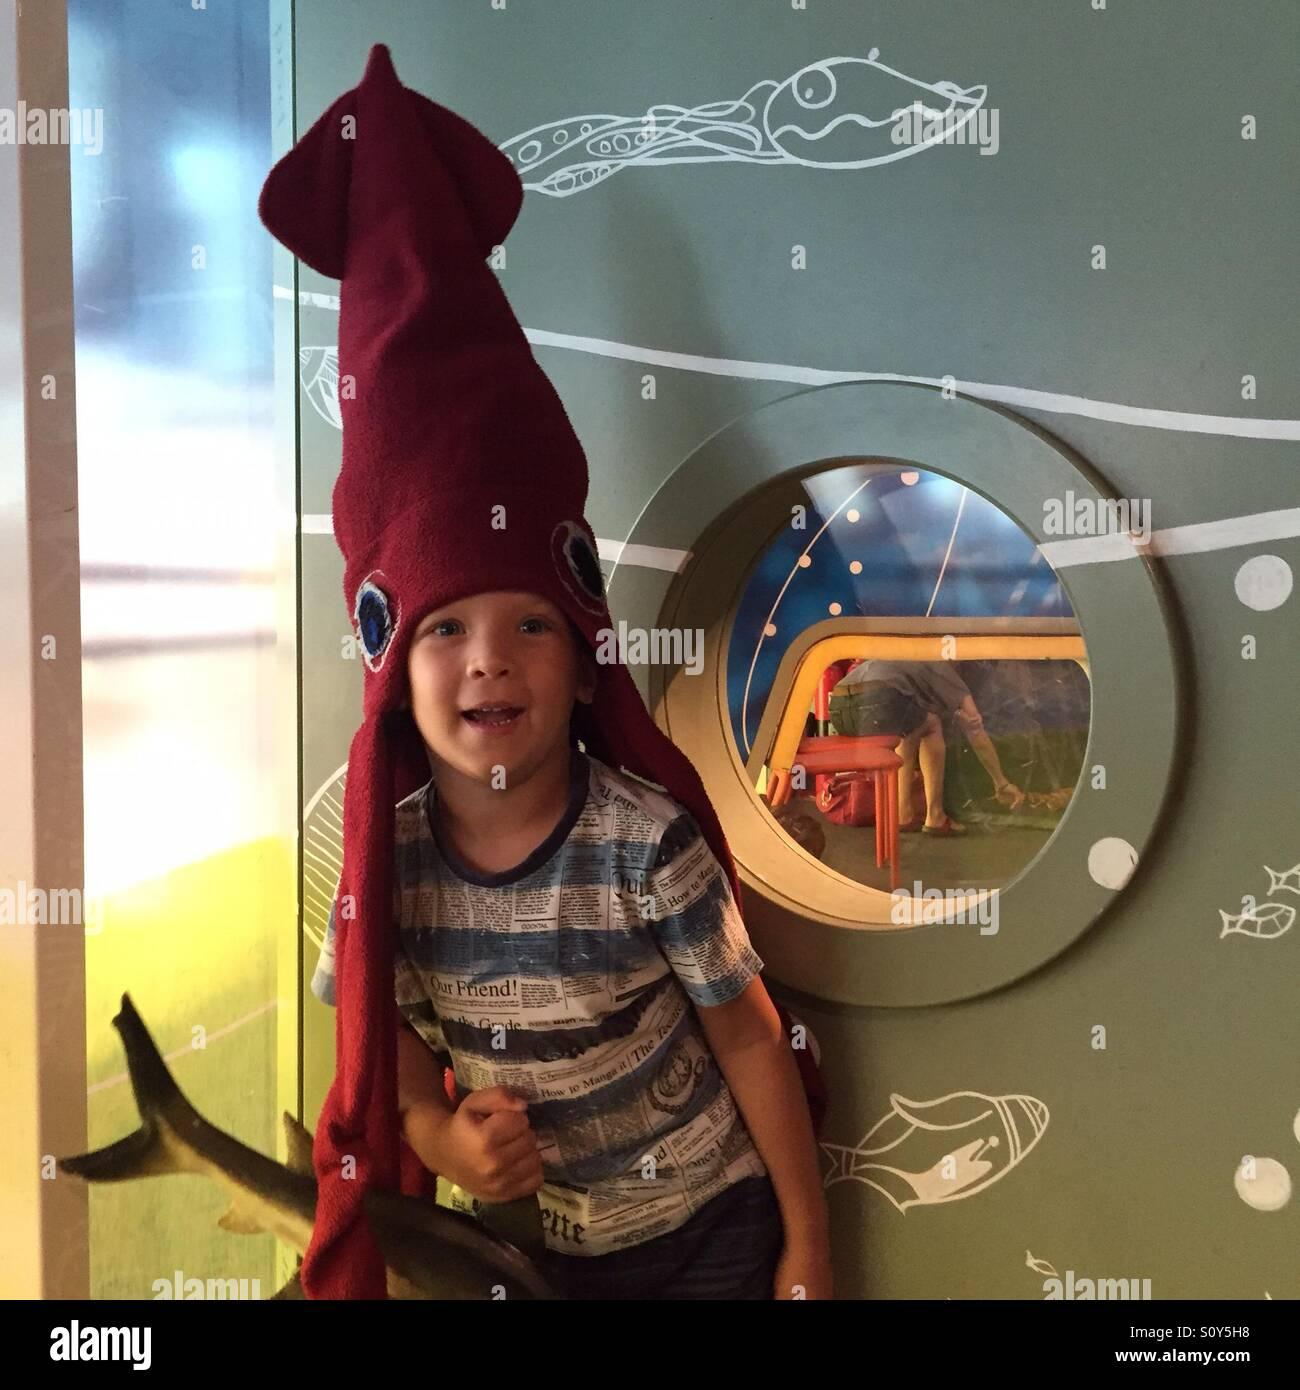 Ritratto di un ragazzo in mare costume di animale Immagini Stock